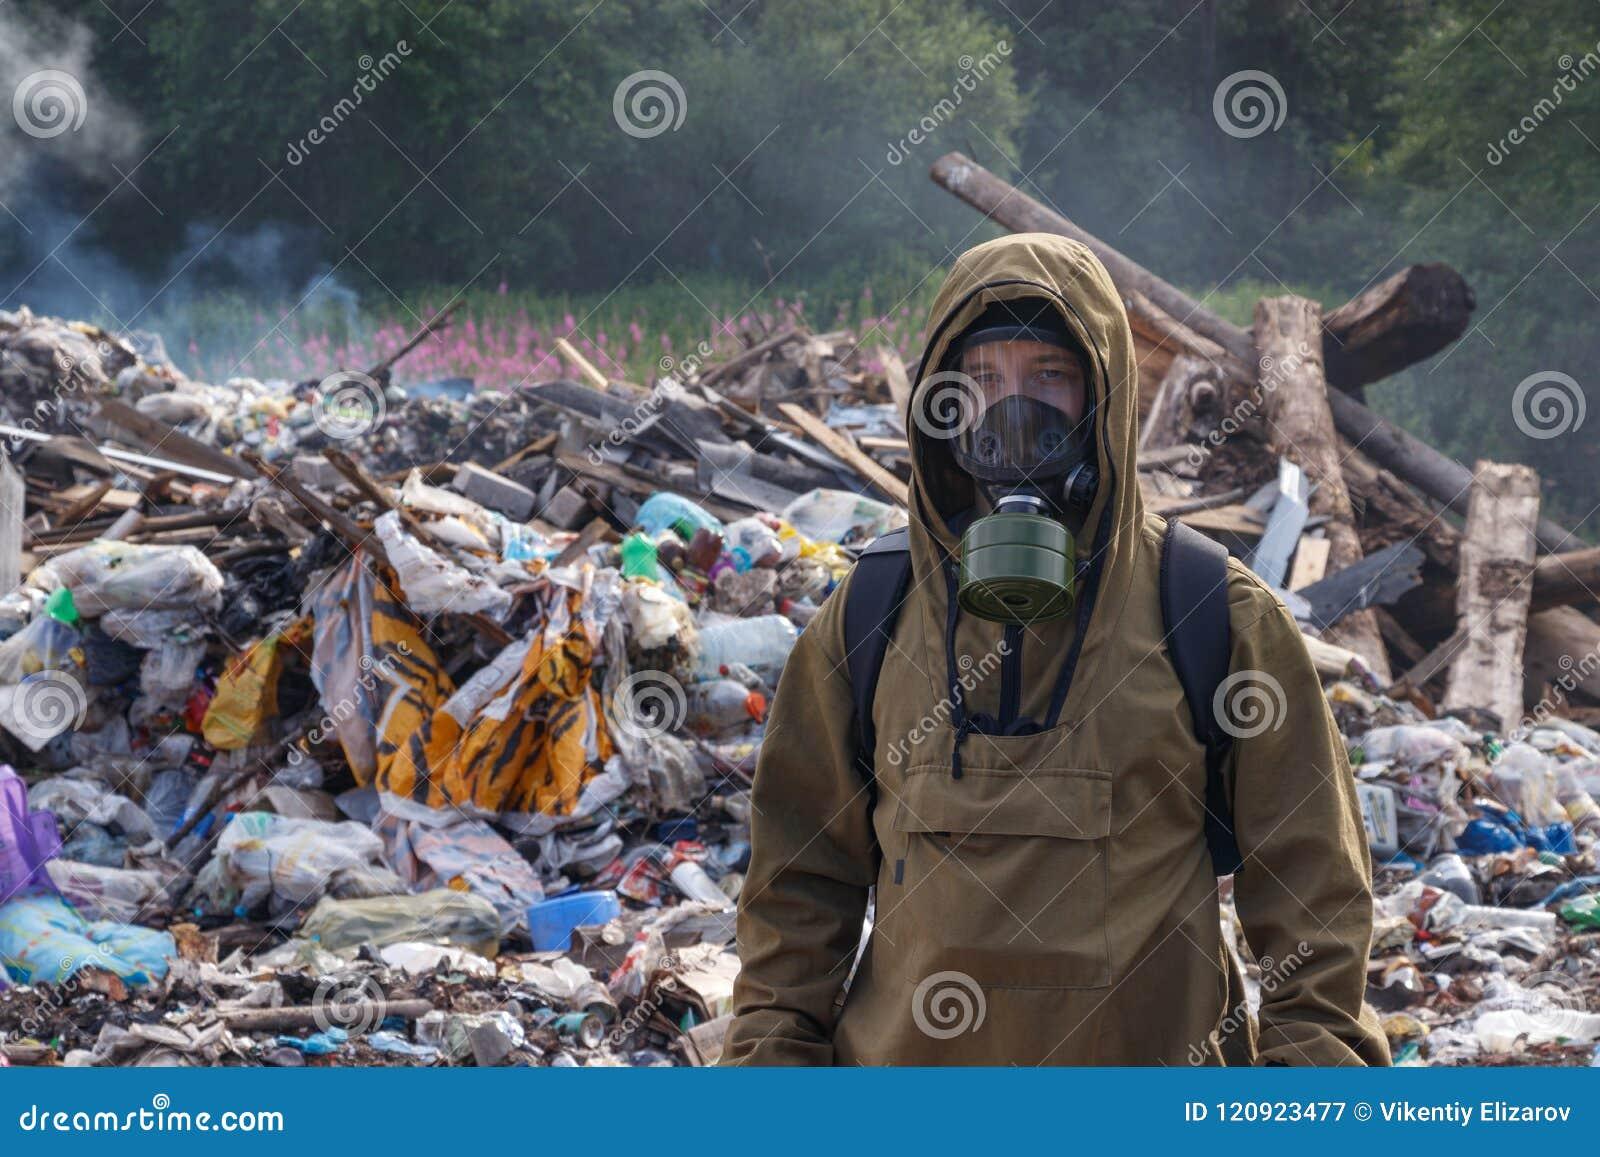 Un trabajador en una careta antigás contra el contexto de la basura ardiente Las muchas bolsas de plástico lanzadas a la descarga